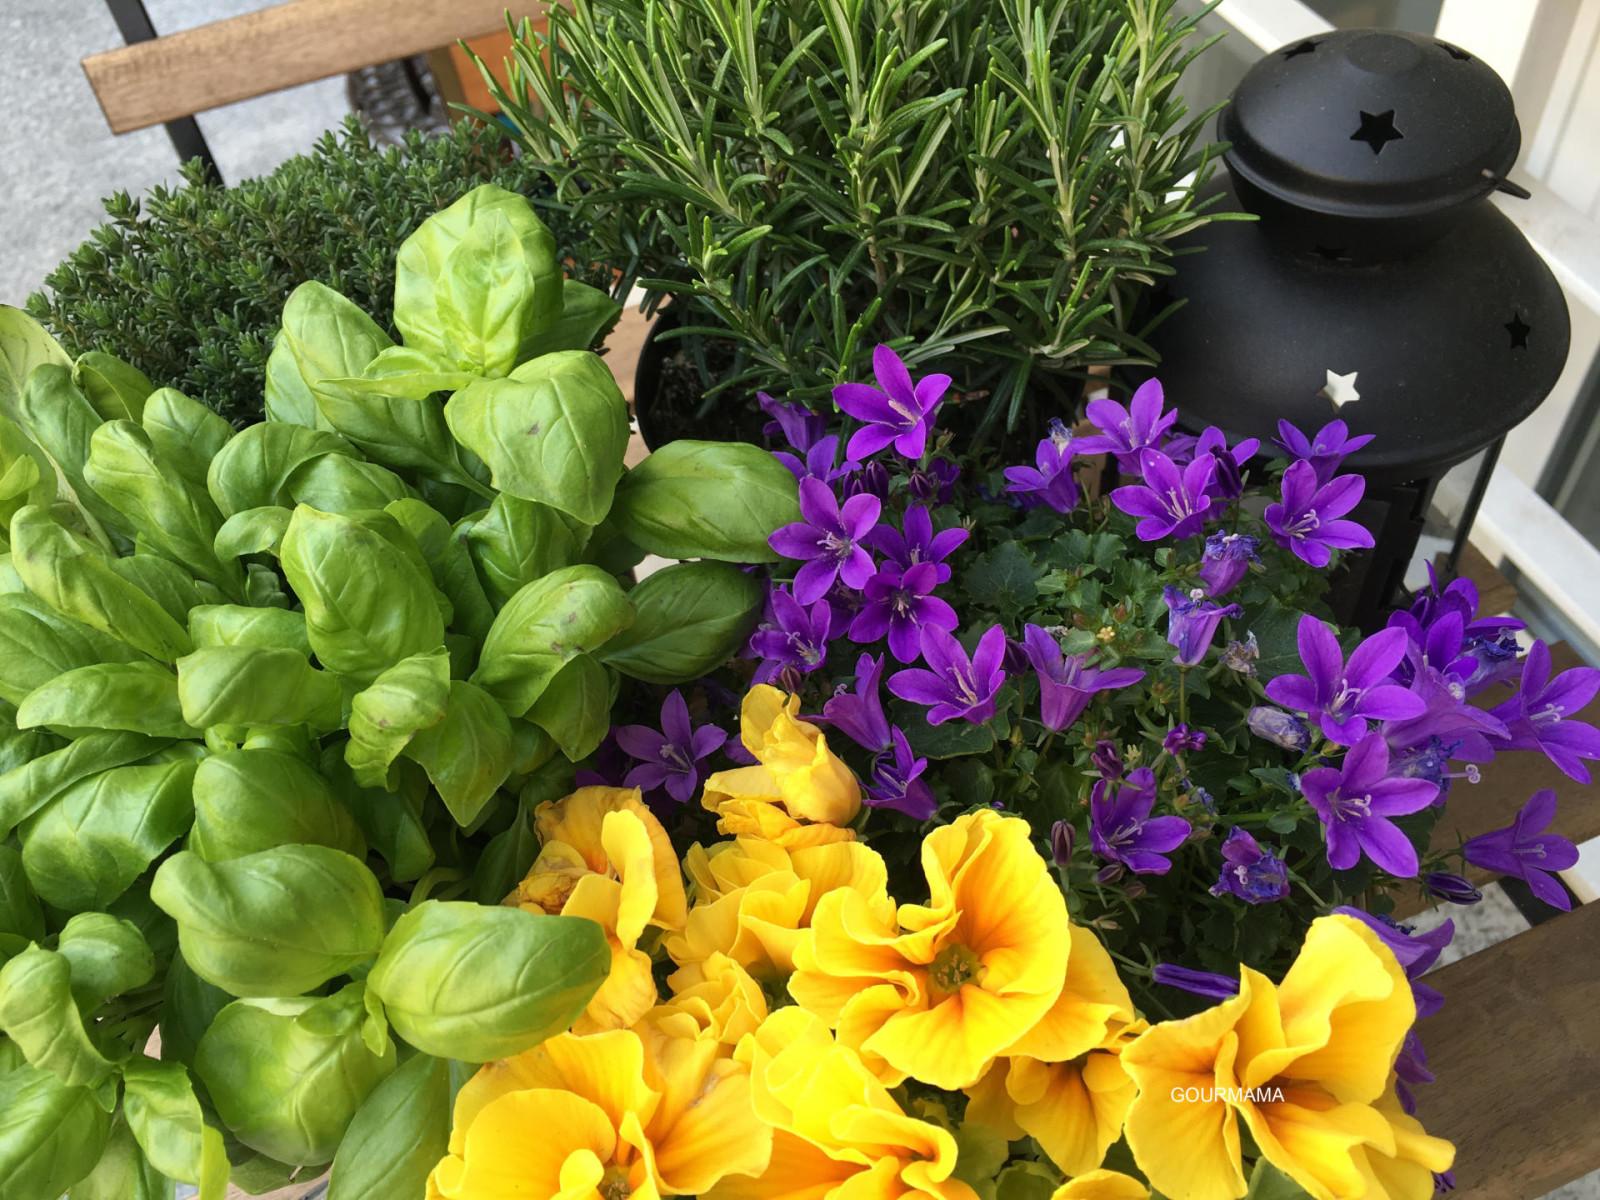 erbe aromatiche e fiori